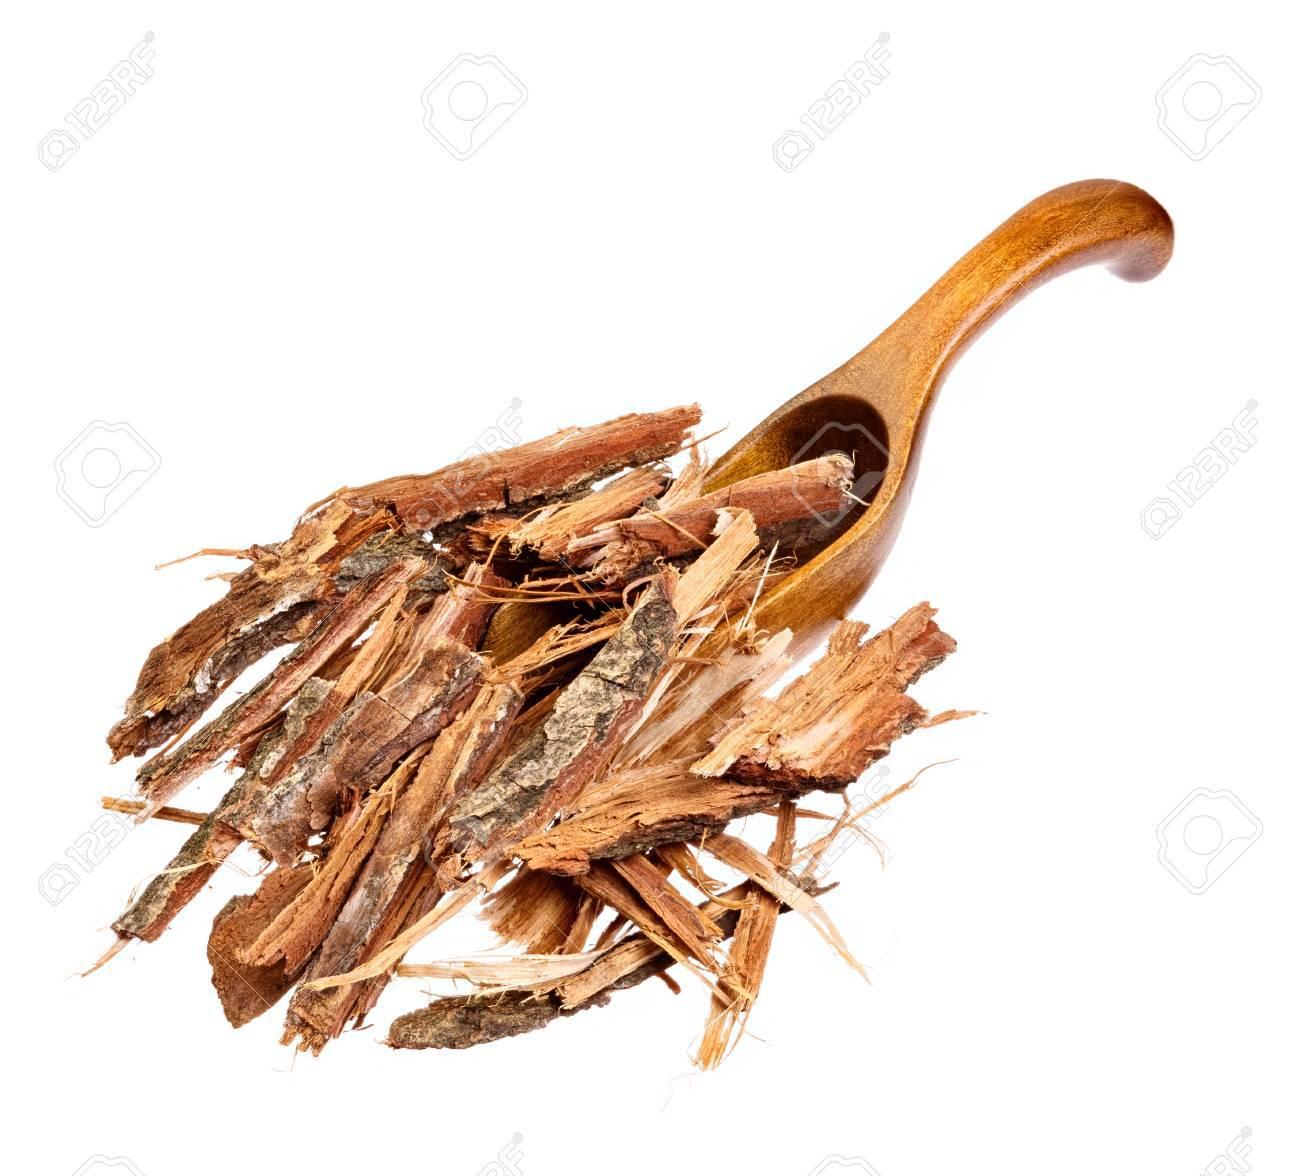 Oak bark on the wooden spoon